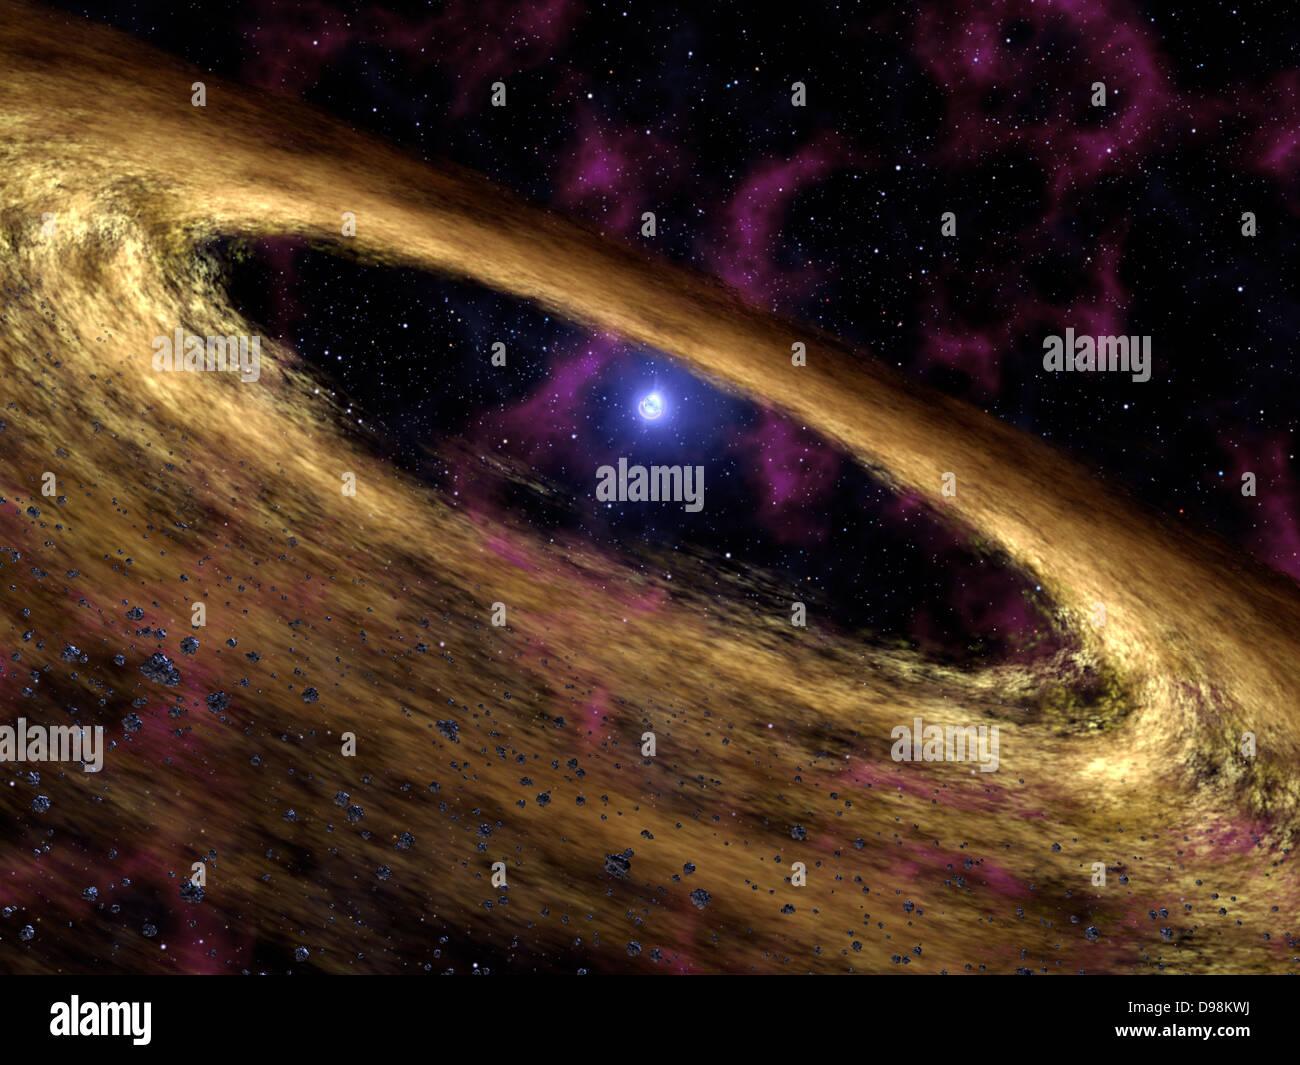 Ce concept de l'artiste dépeint un type d'étoile morte appelée un pulsar et les gravats de Photo Stock